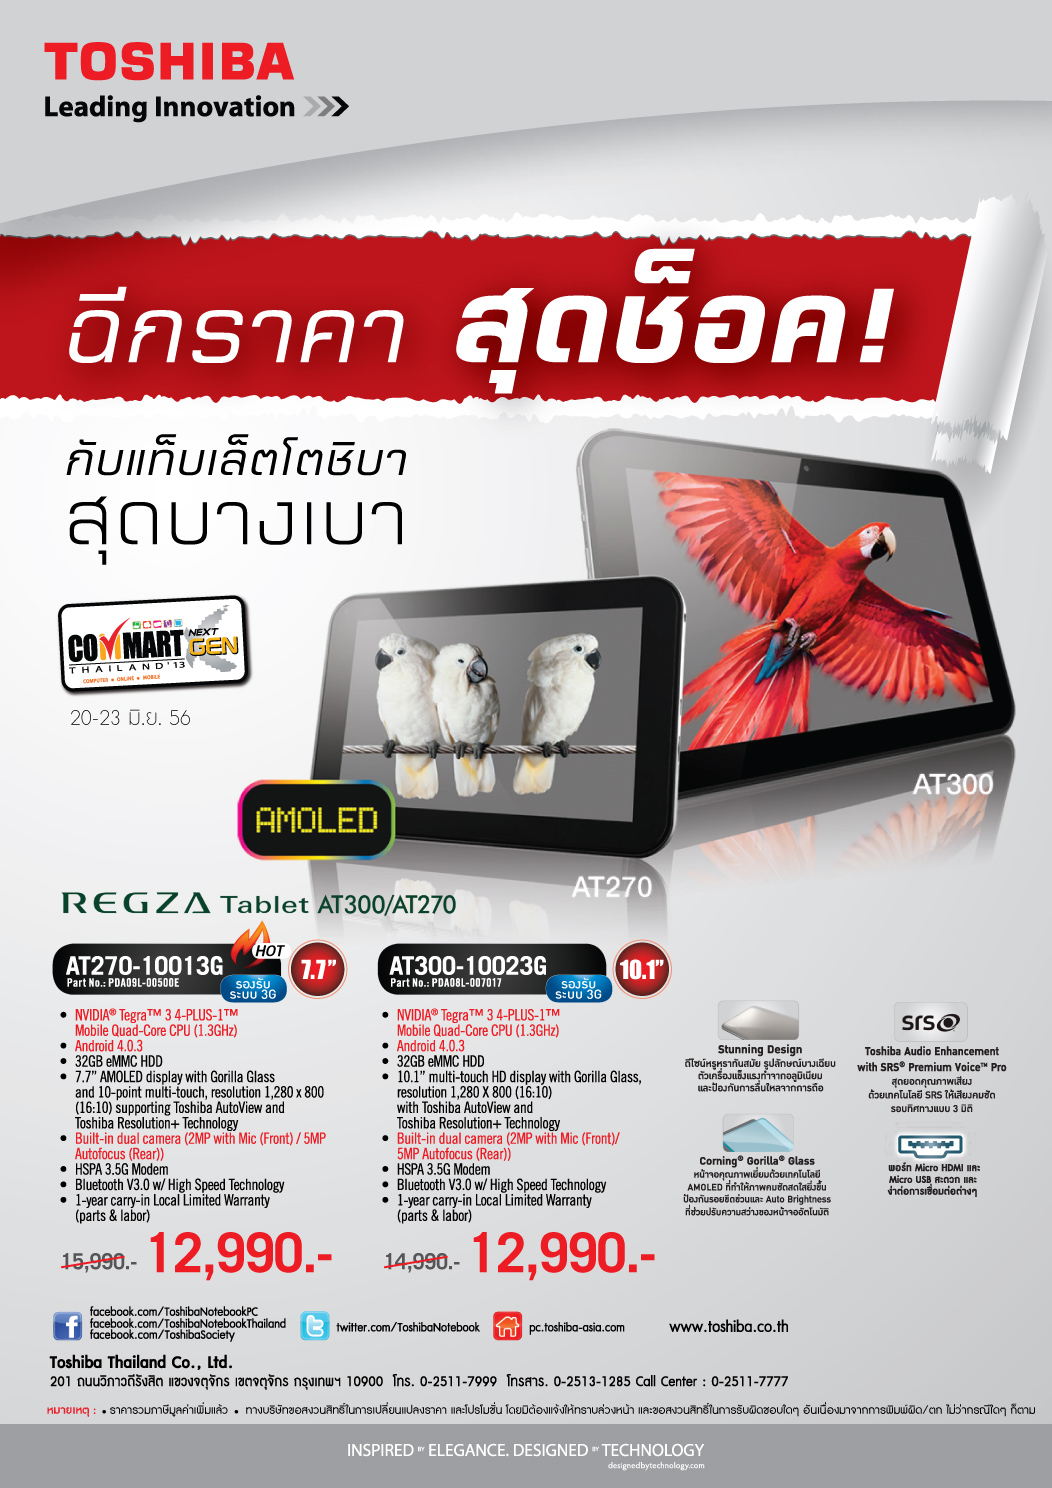 LeafletA5 RegzaTablet CommartXGen132